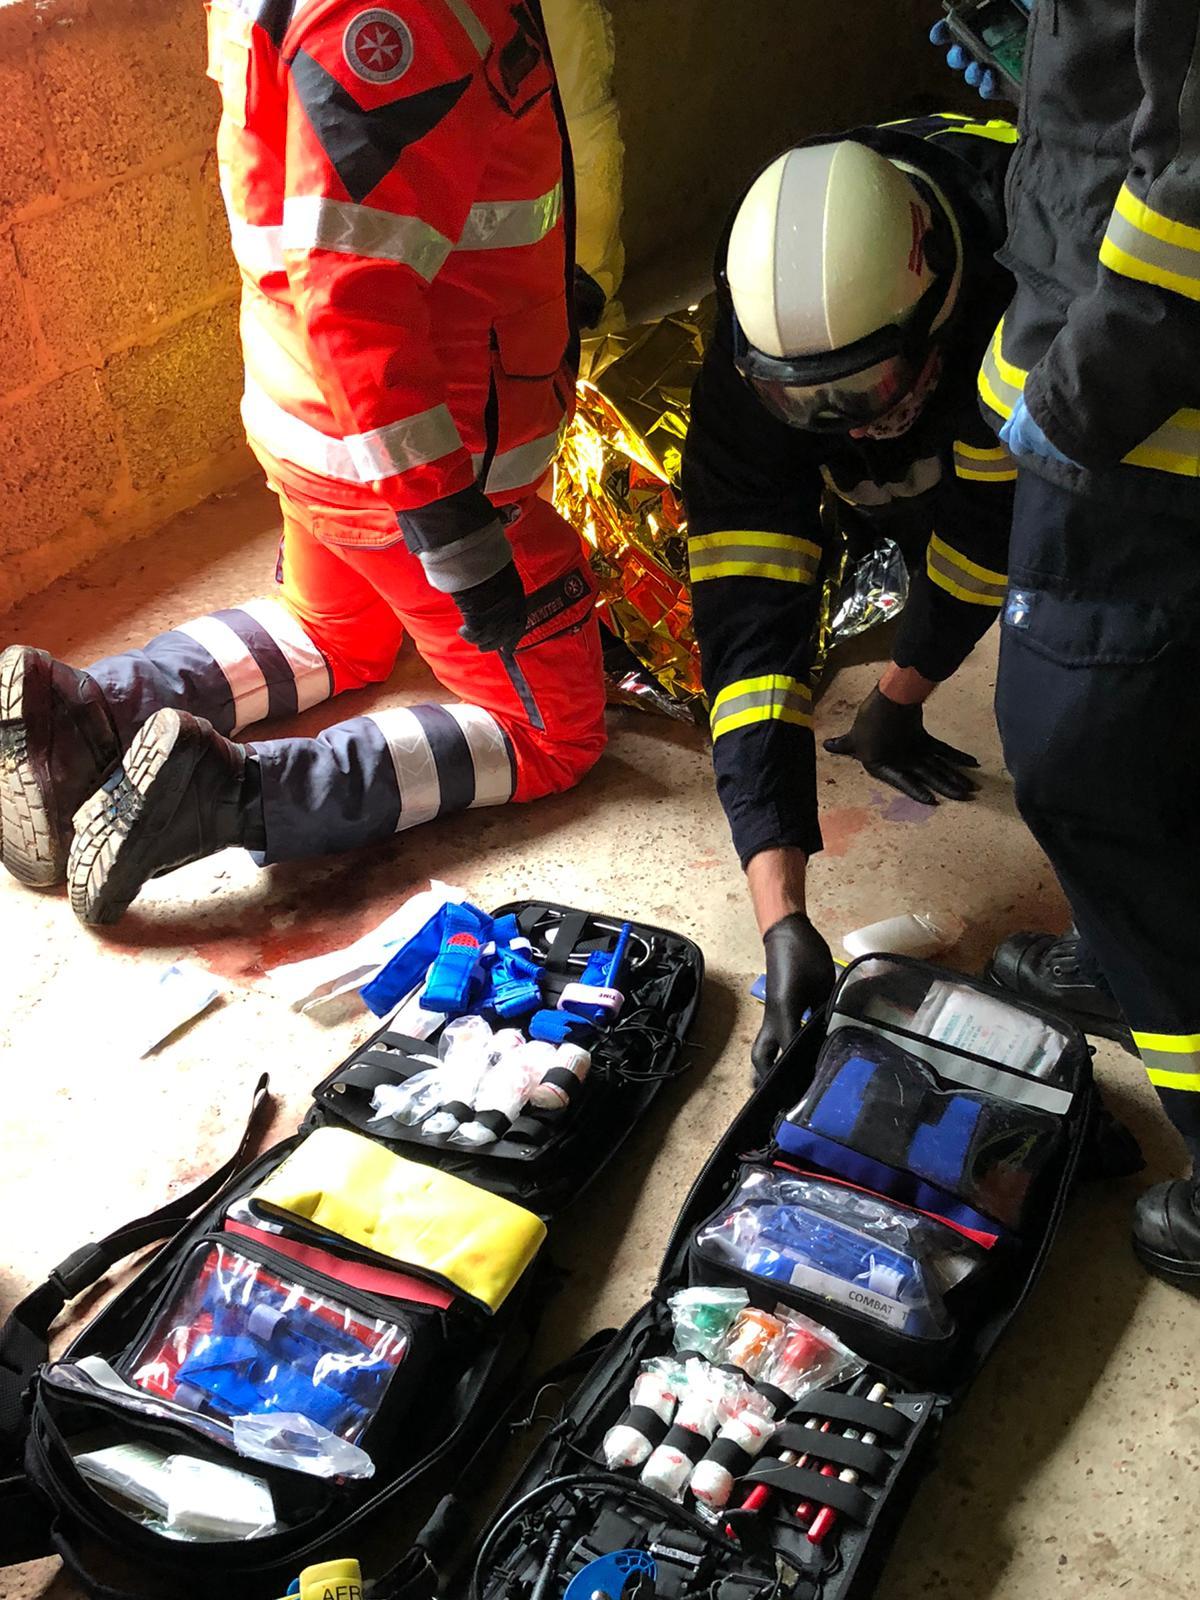 TECC-Kurs für Behörden, Sicherheitsdienste und First Responder in Lippoldsberg